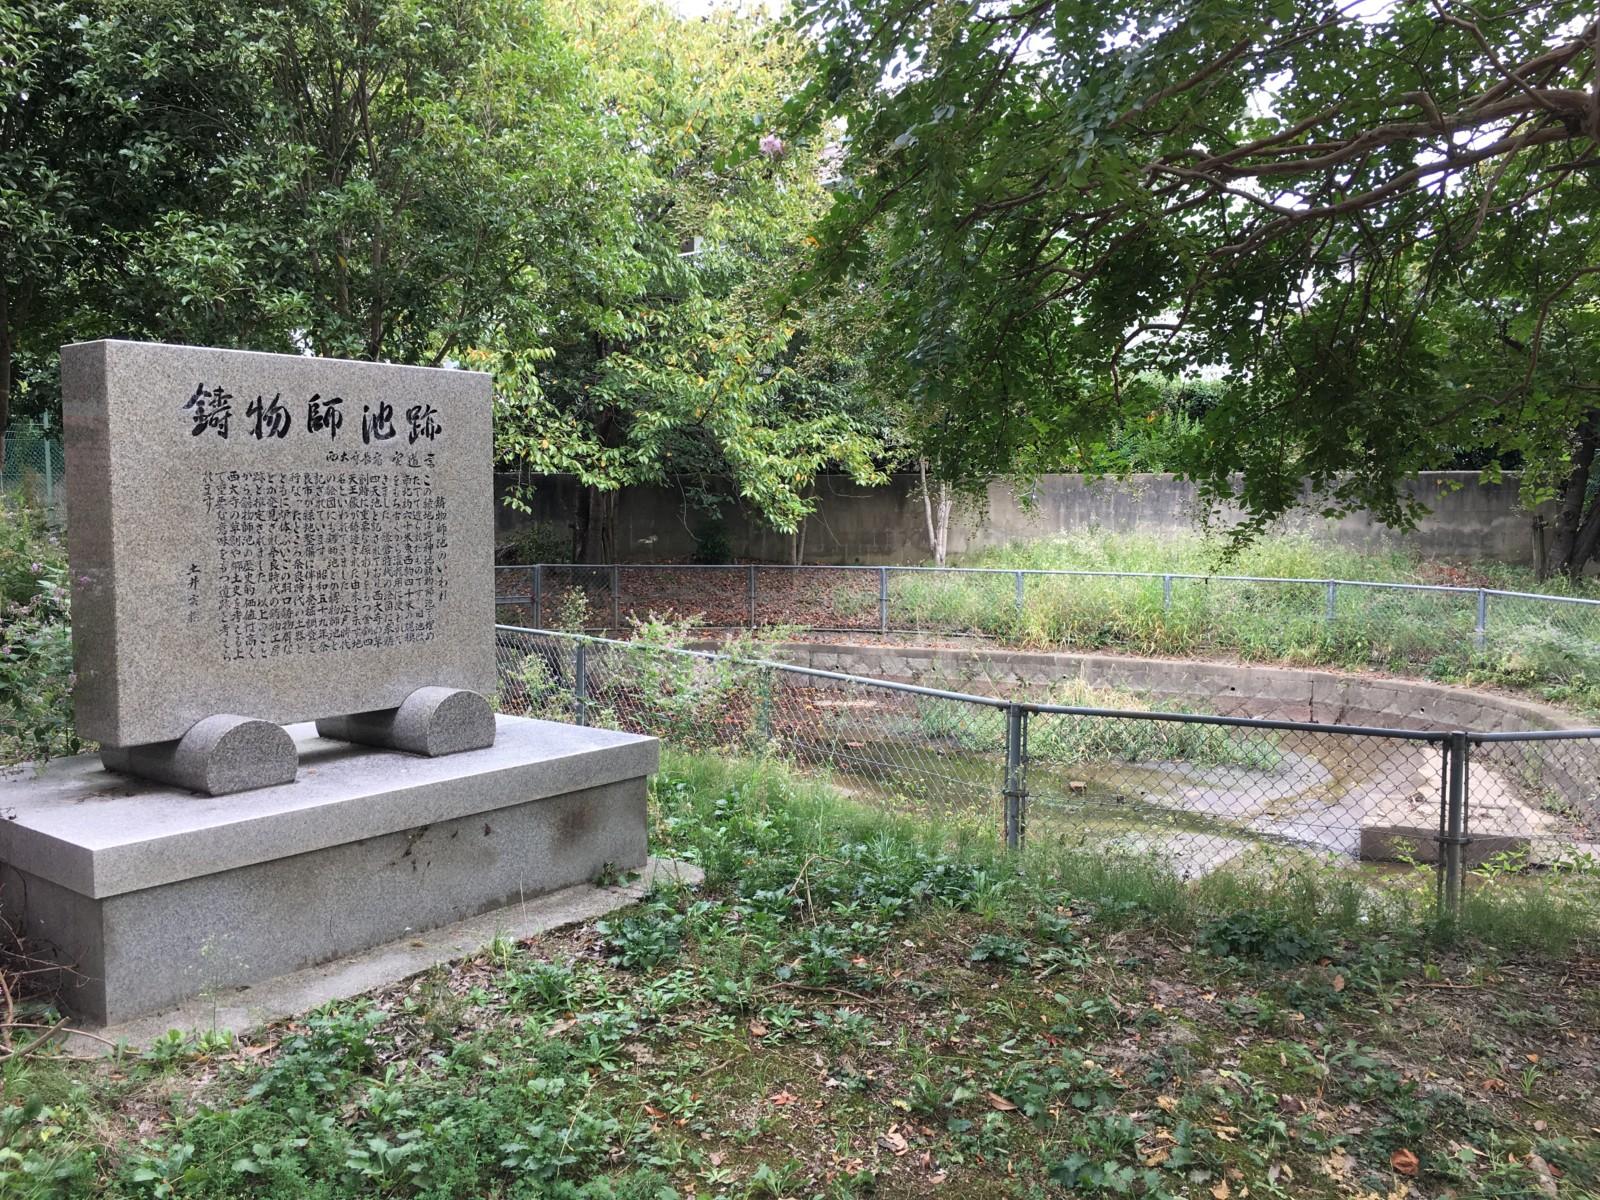 鋳物師池跡